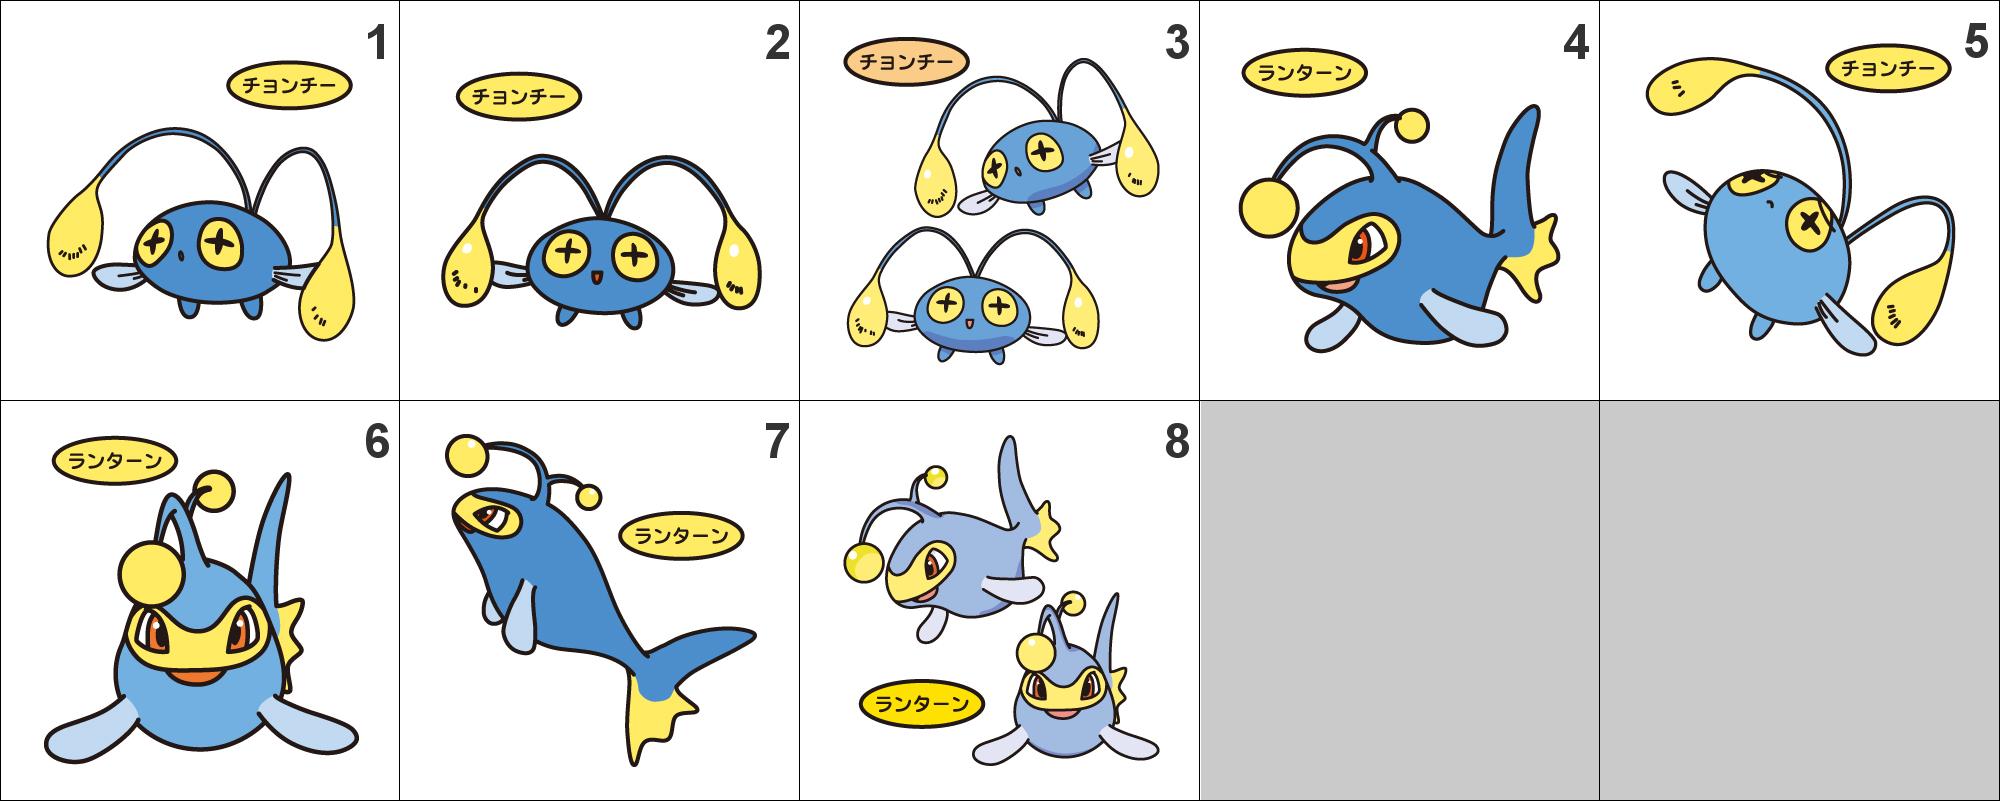 Pokemon Chinchou Evolve Images   Pokemon Images